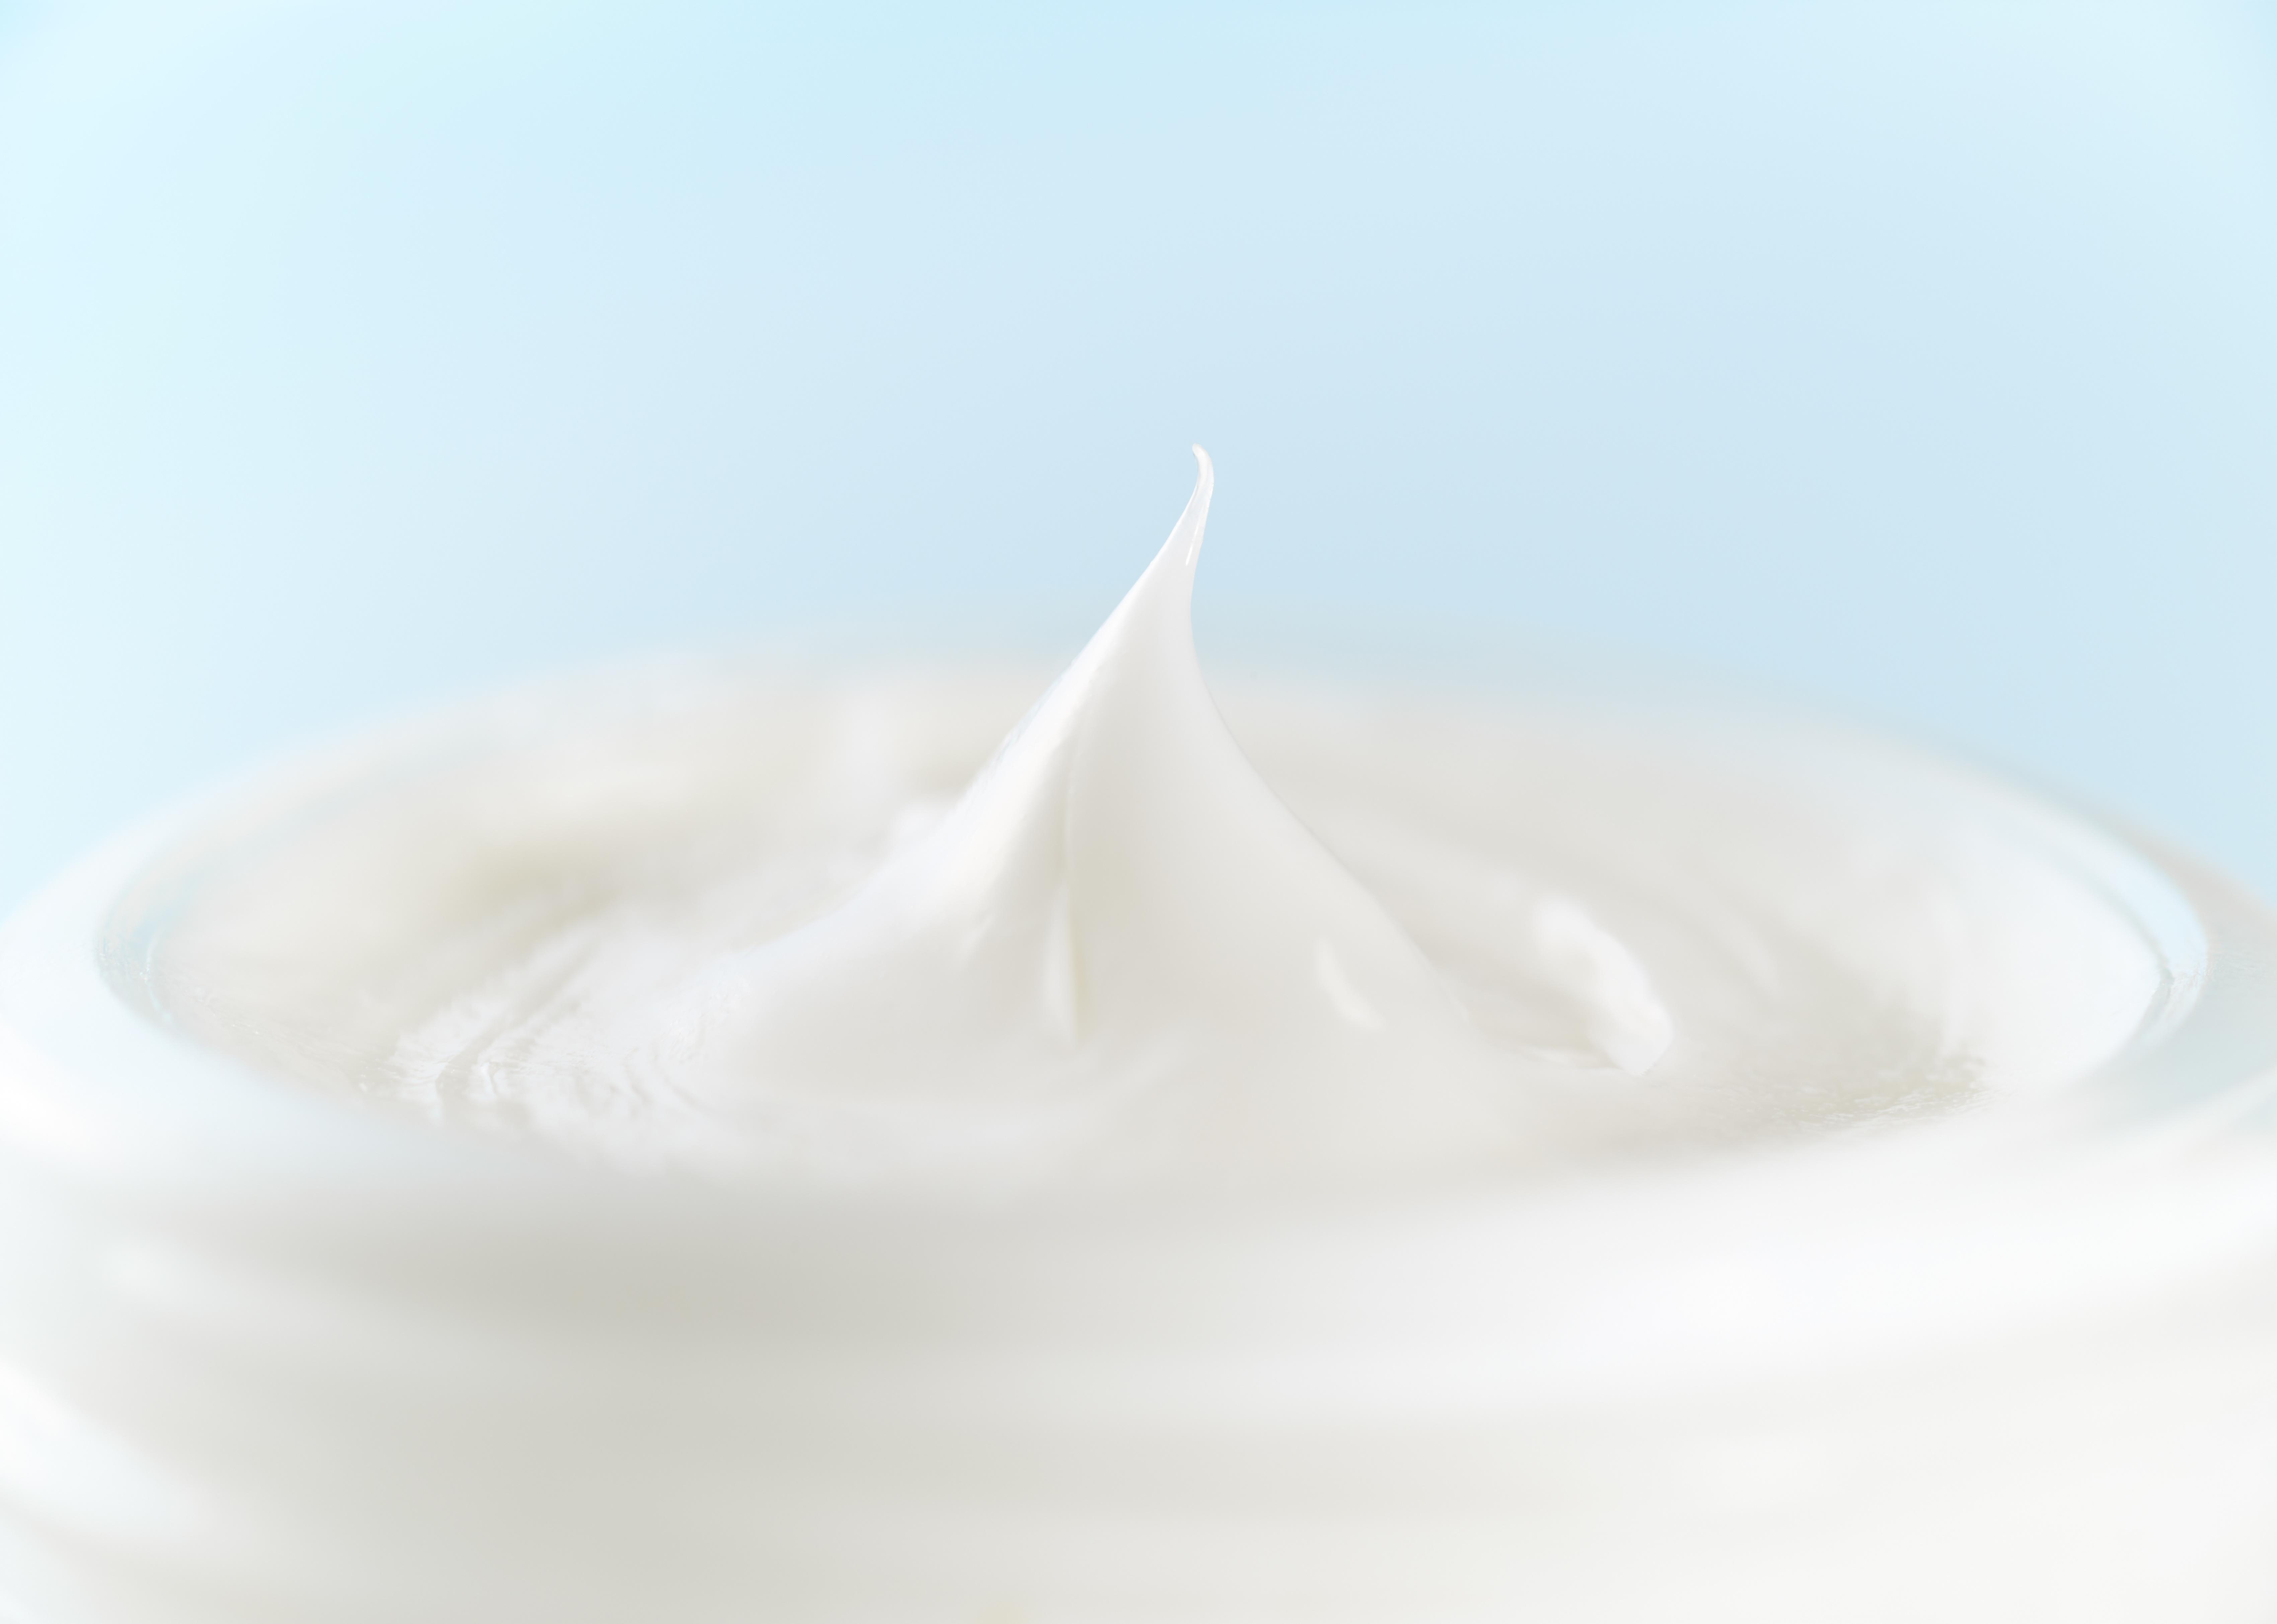 Texture of a moisturiser